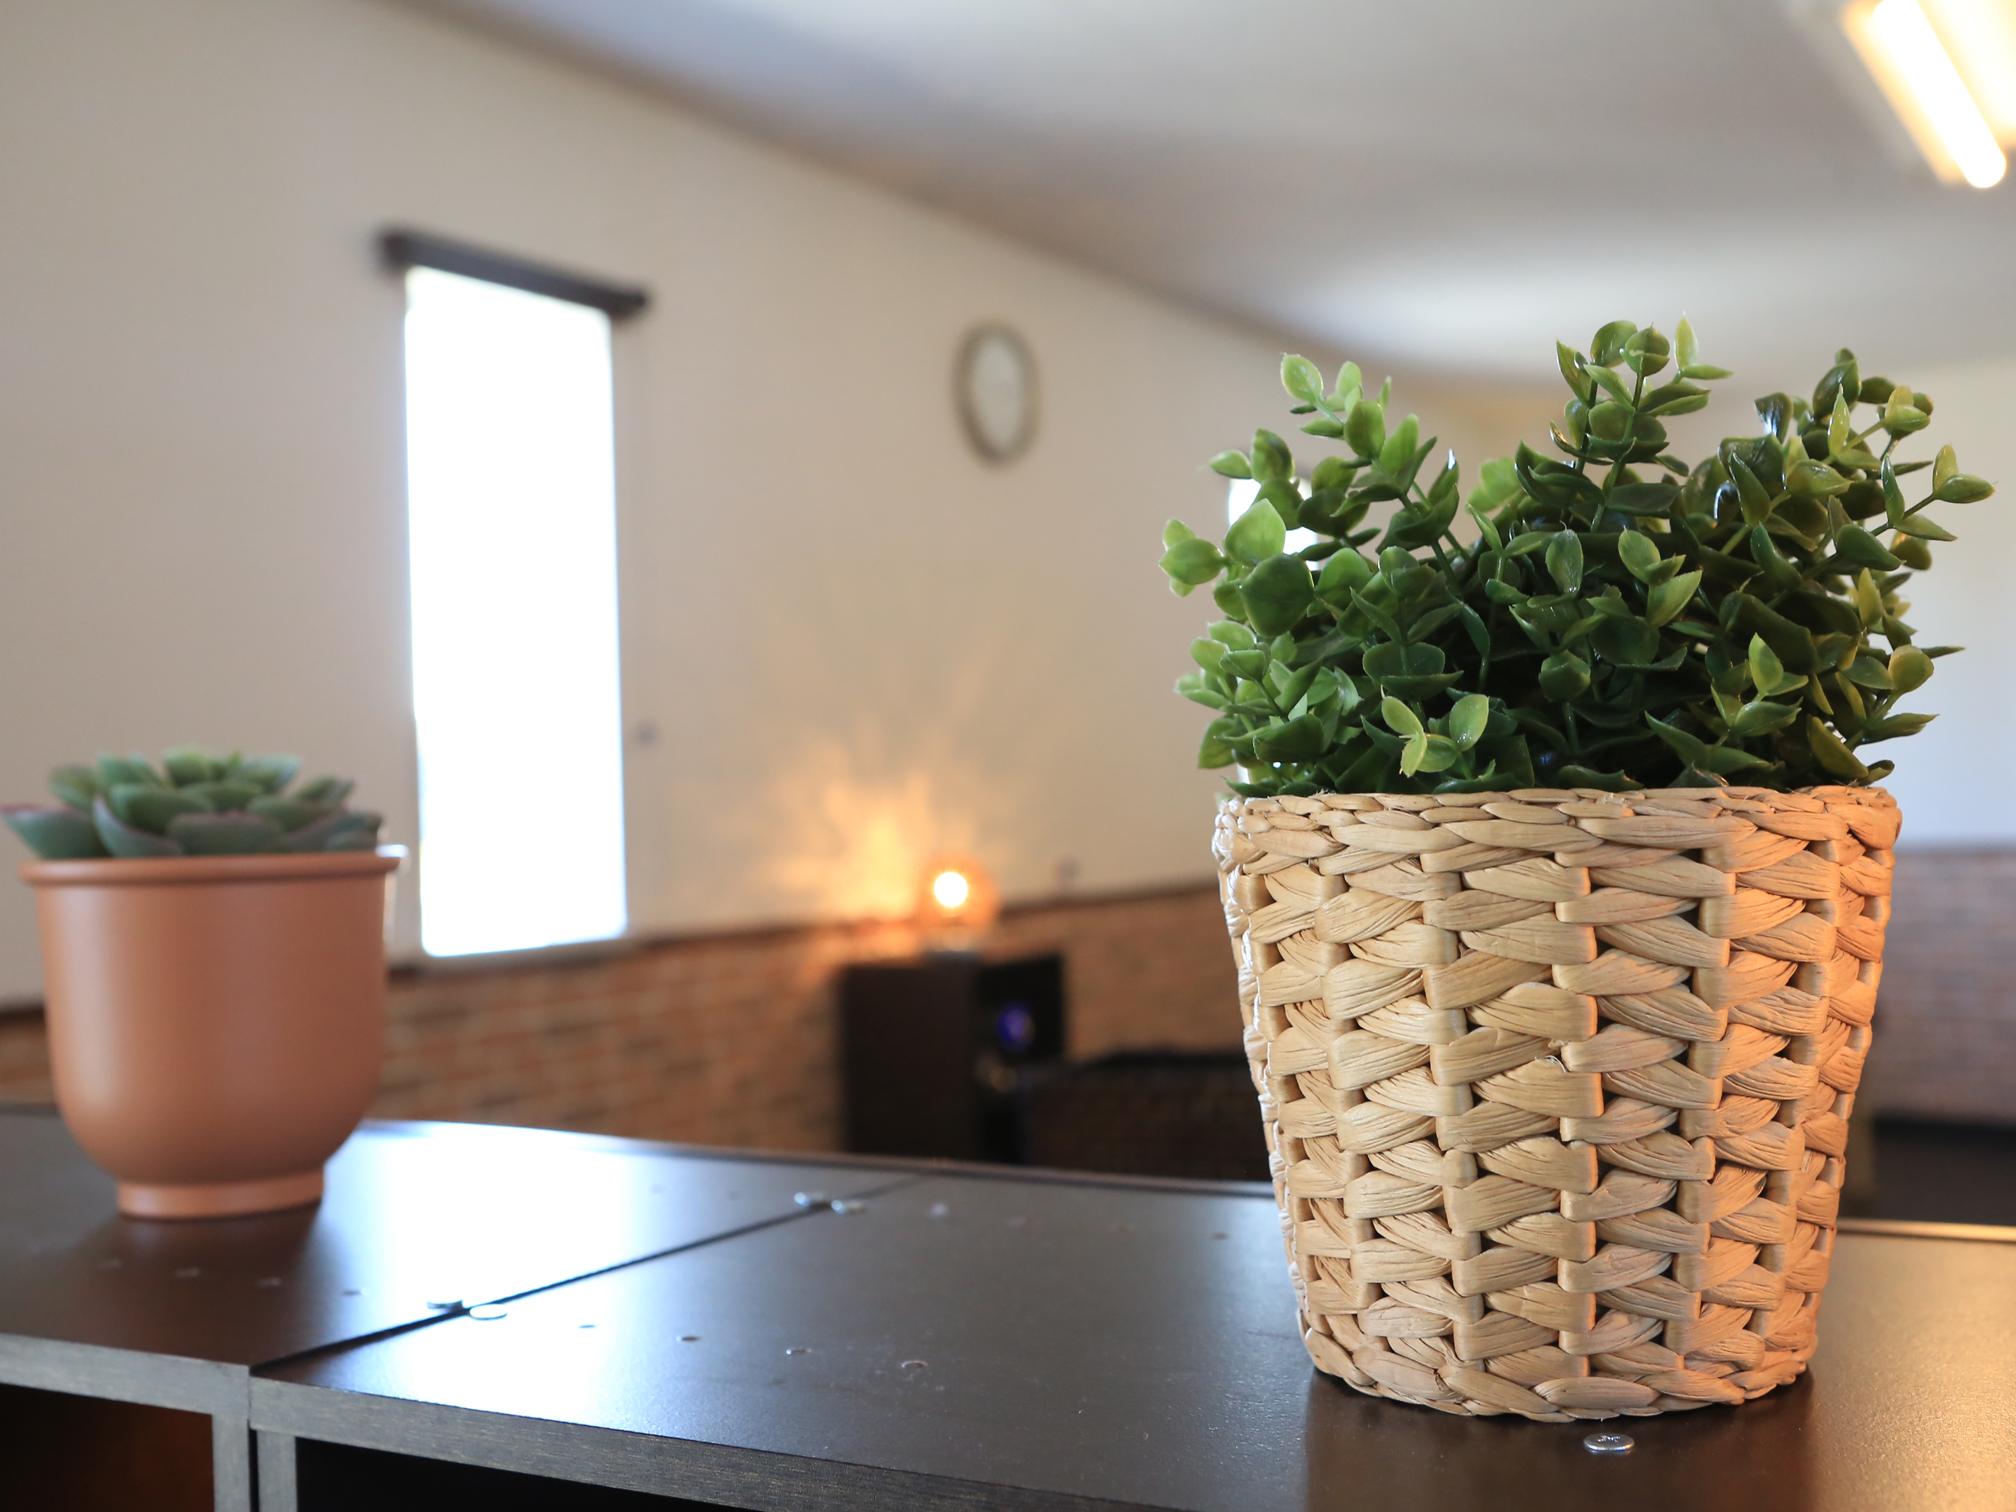 植物も多く設置し、安らげるよう工夫しています。